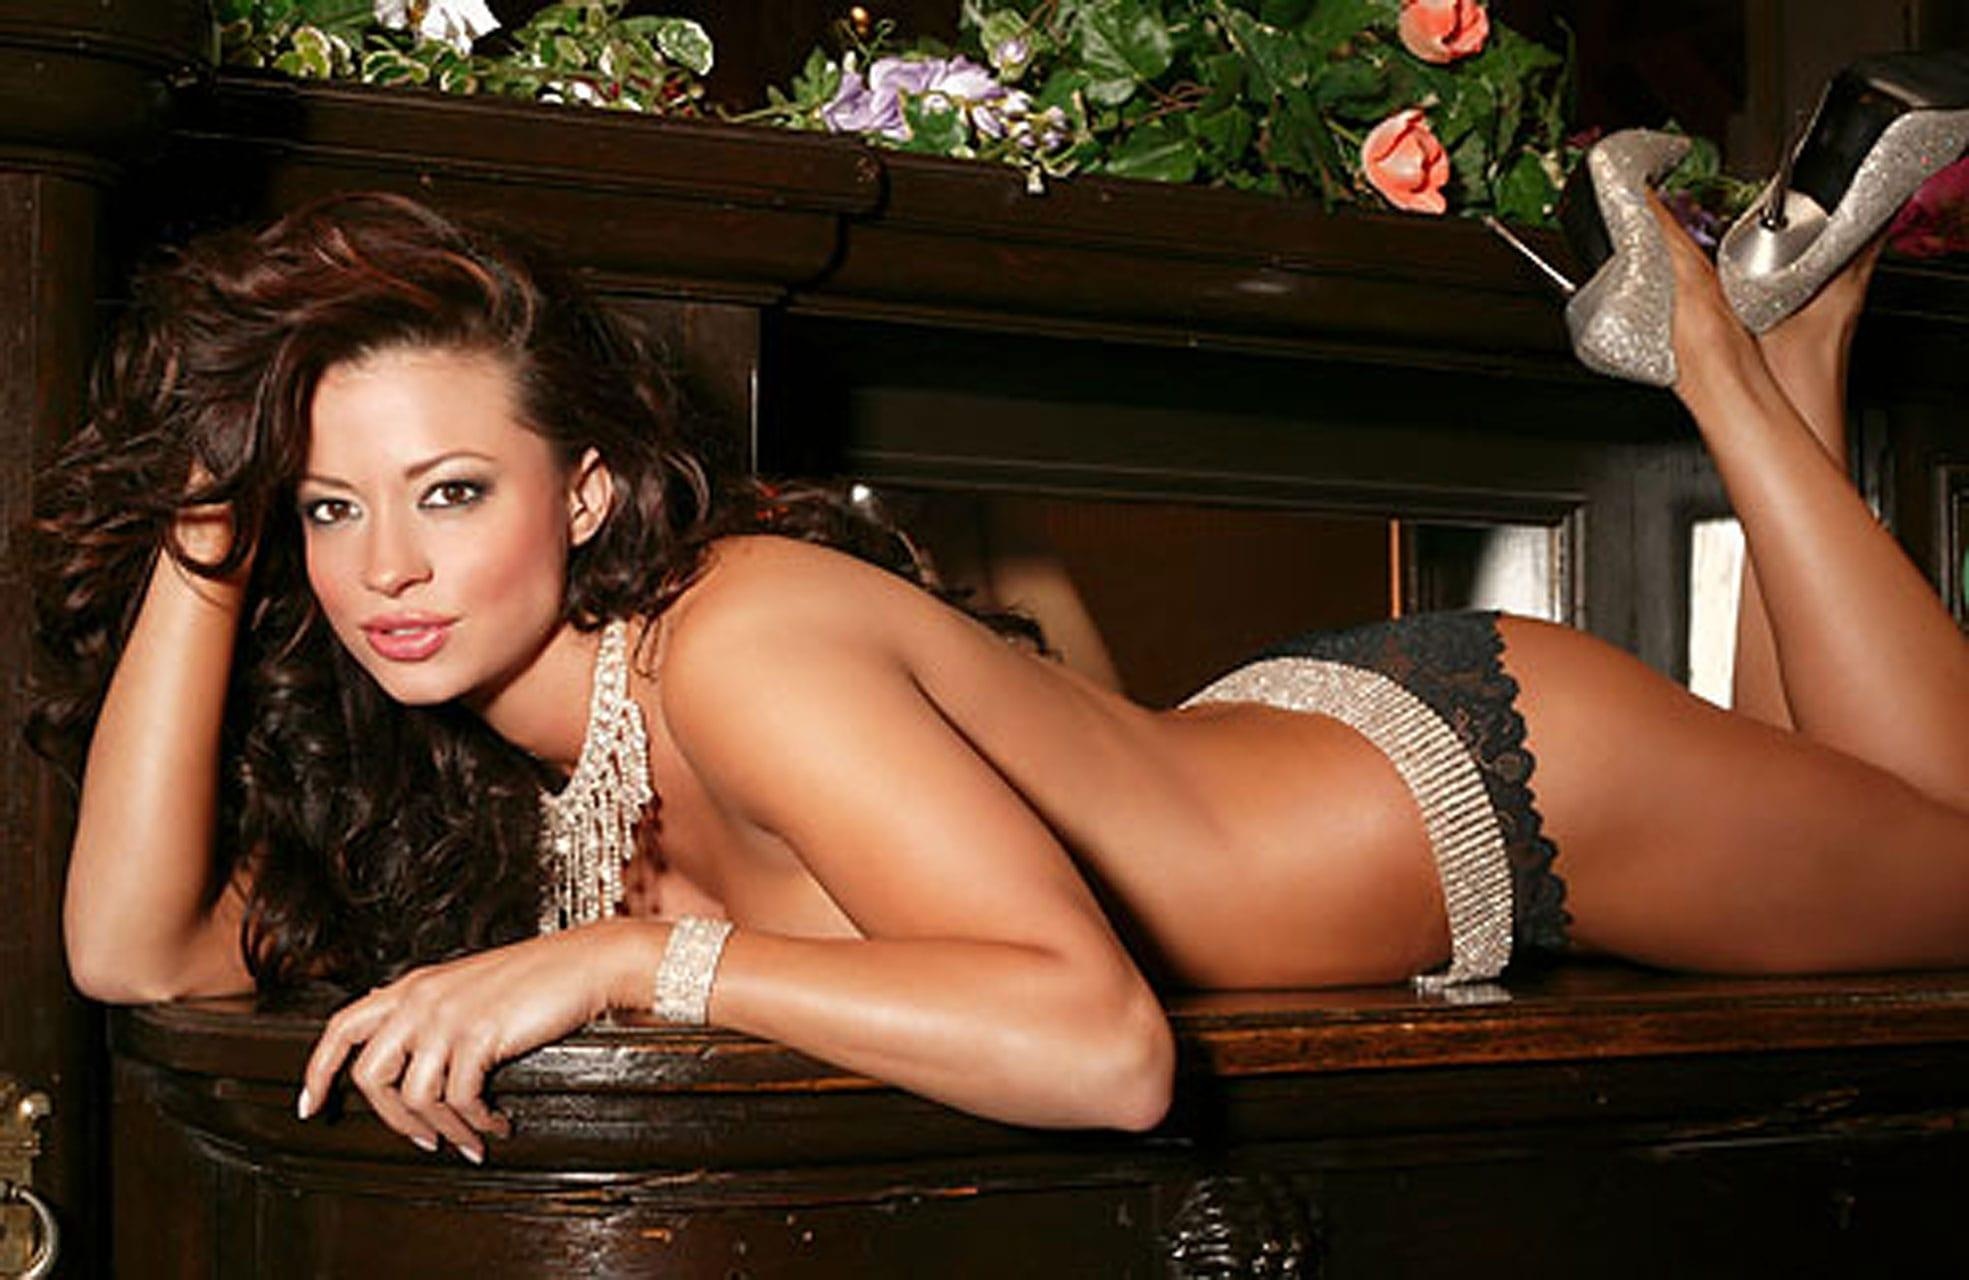 Candice Michelle near nude pics